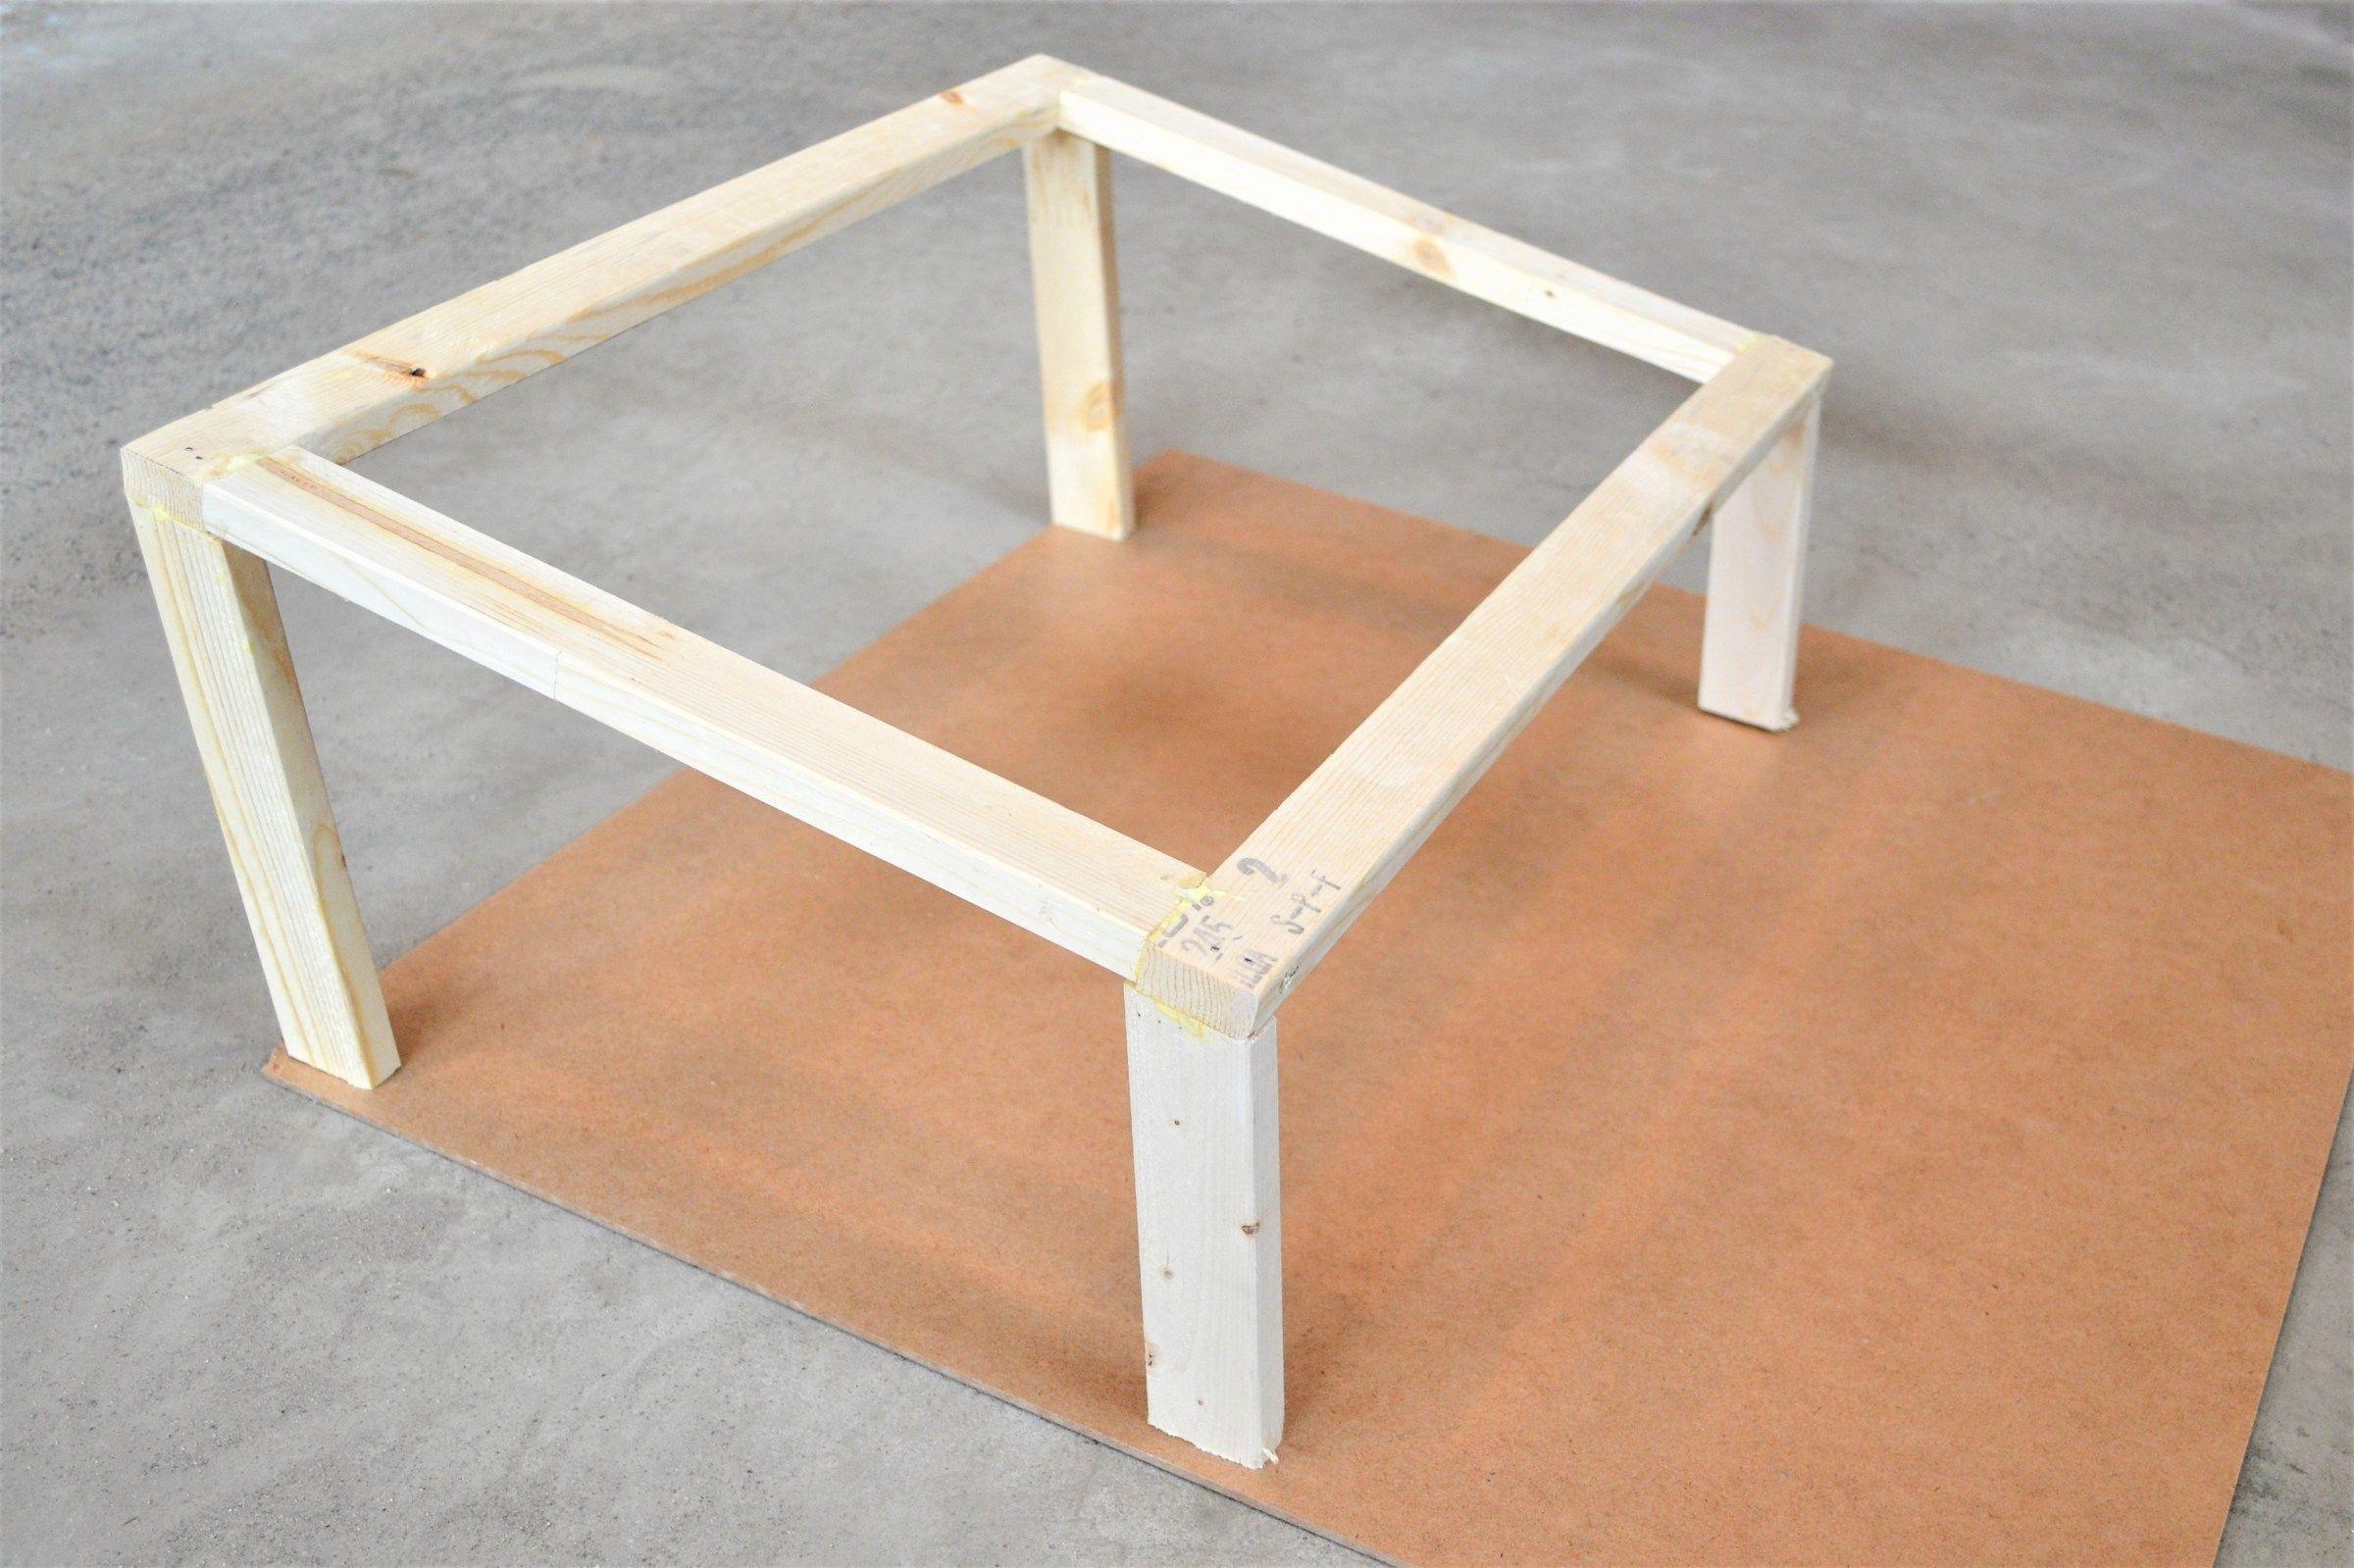 Diy Rug Hooking Frame For Your Lap